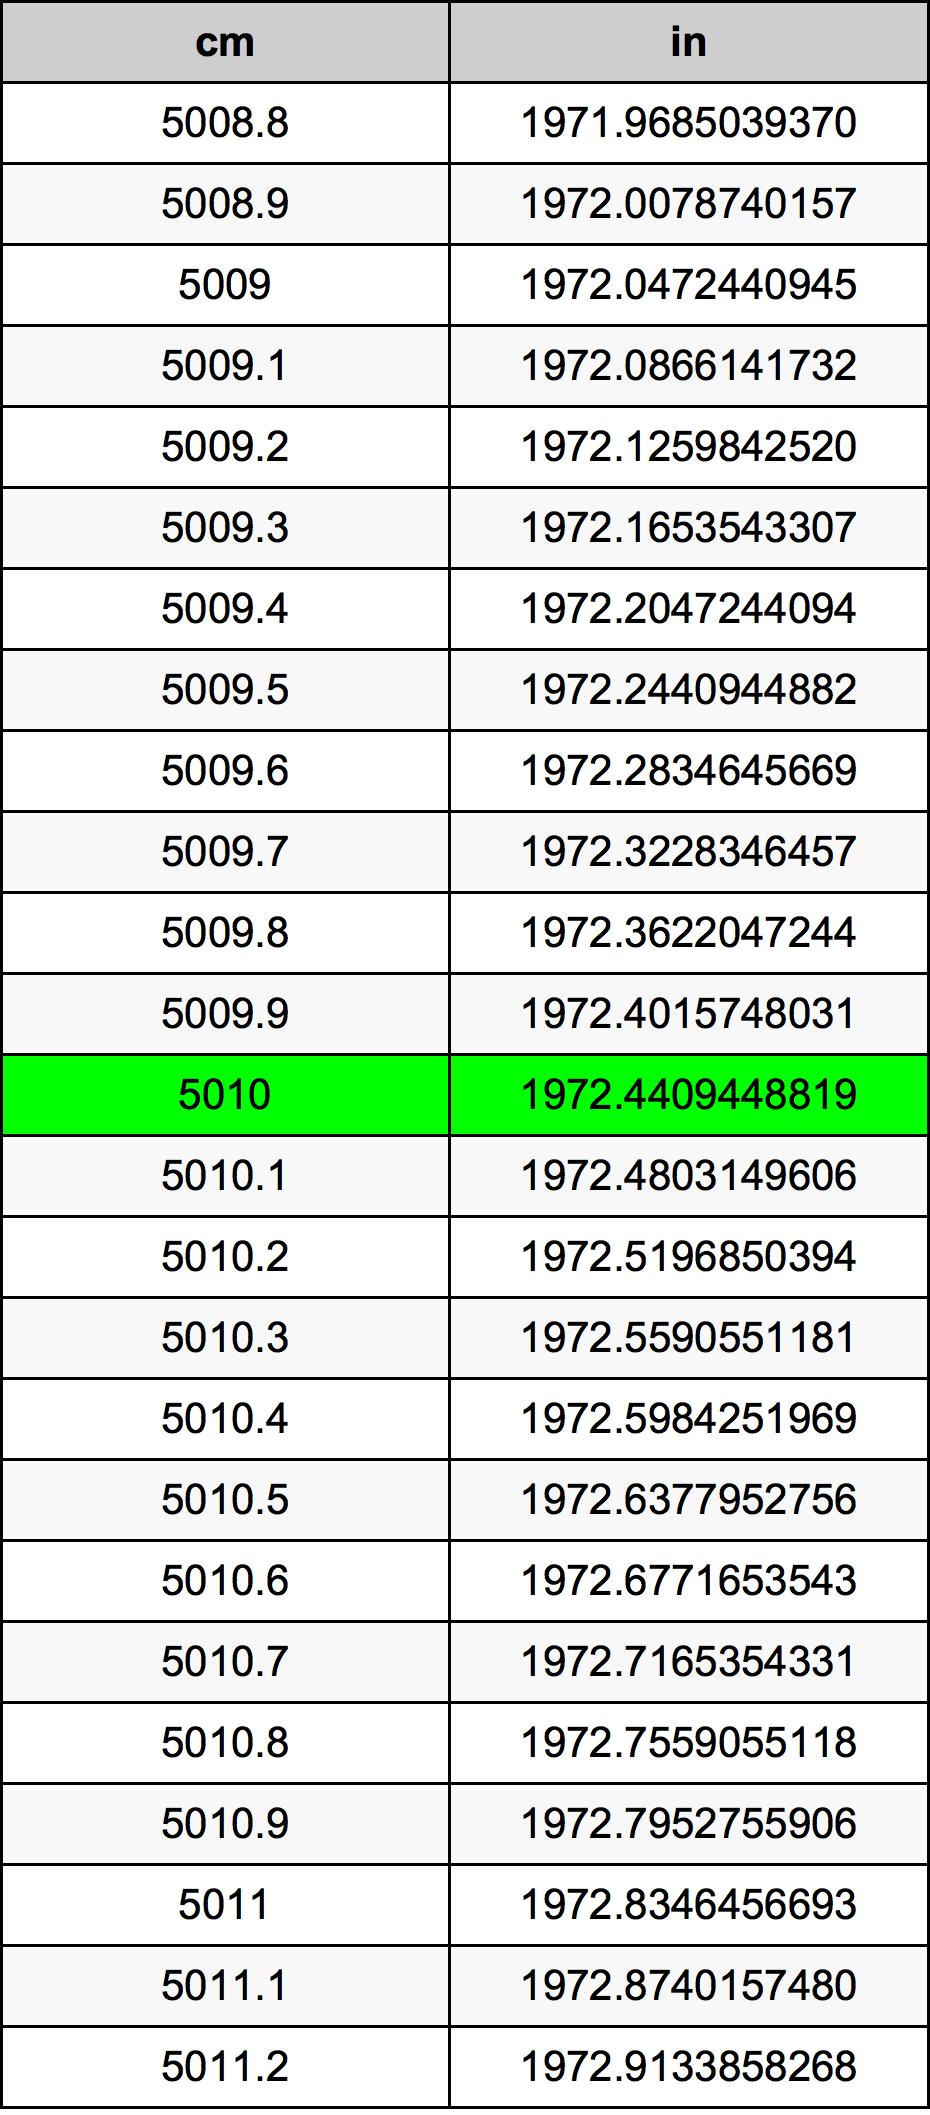 5010 Centiméter átszámítási táblázat